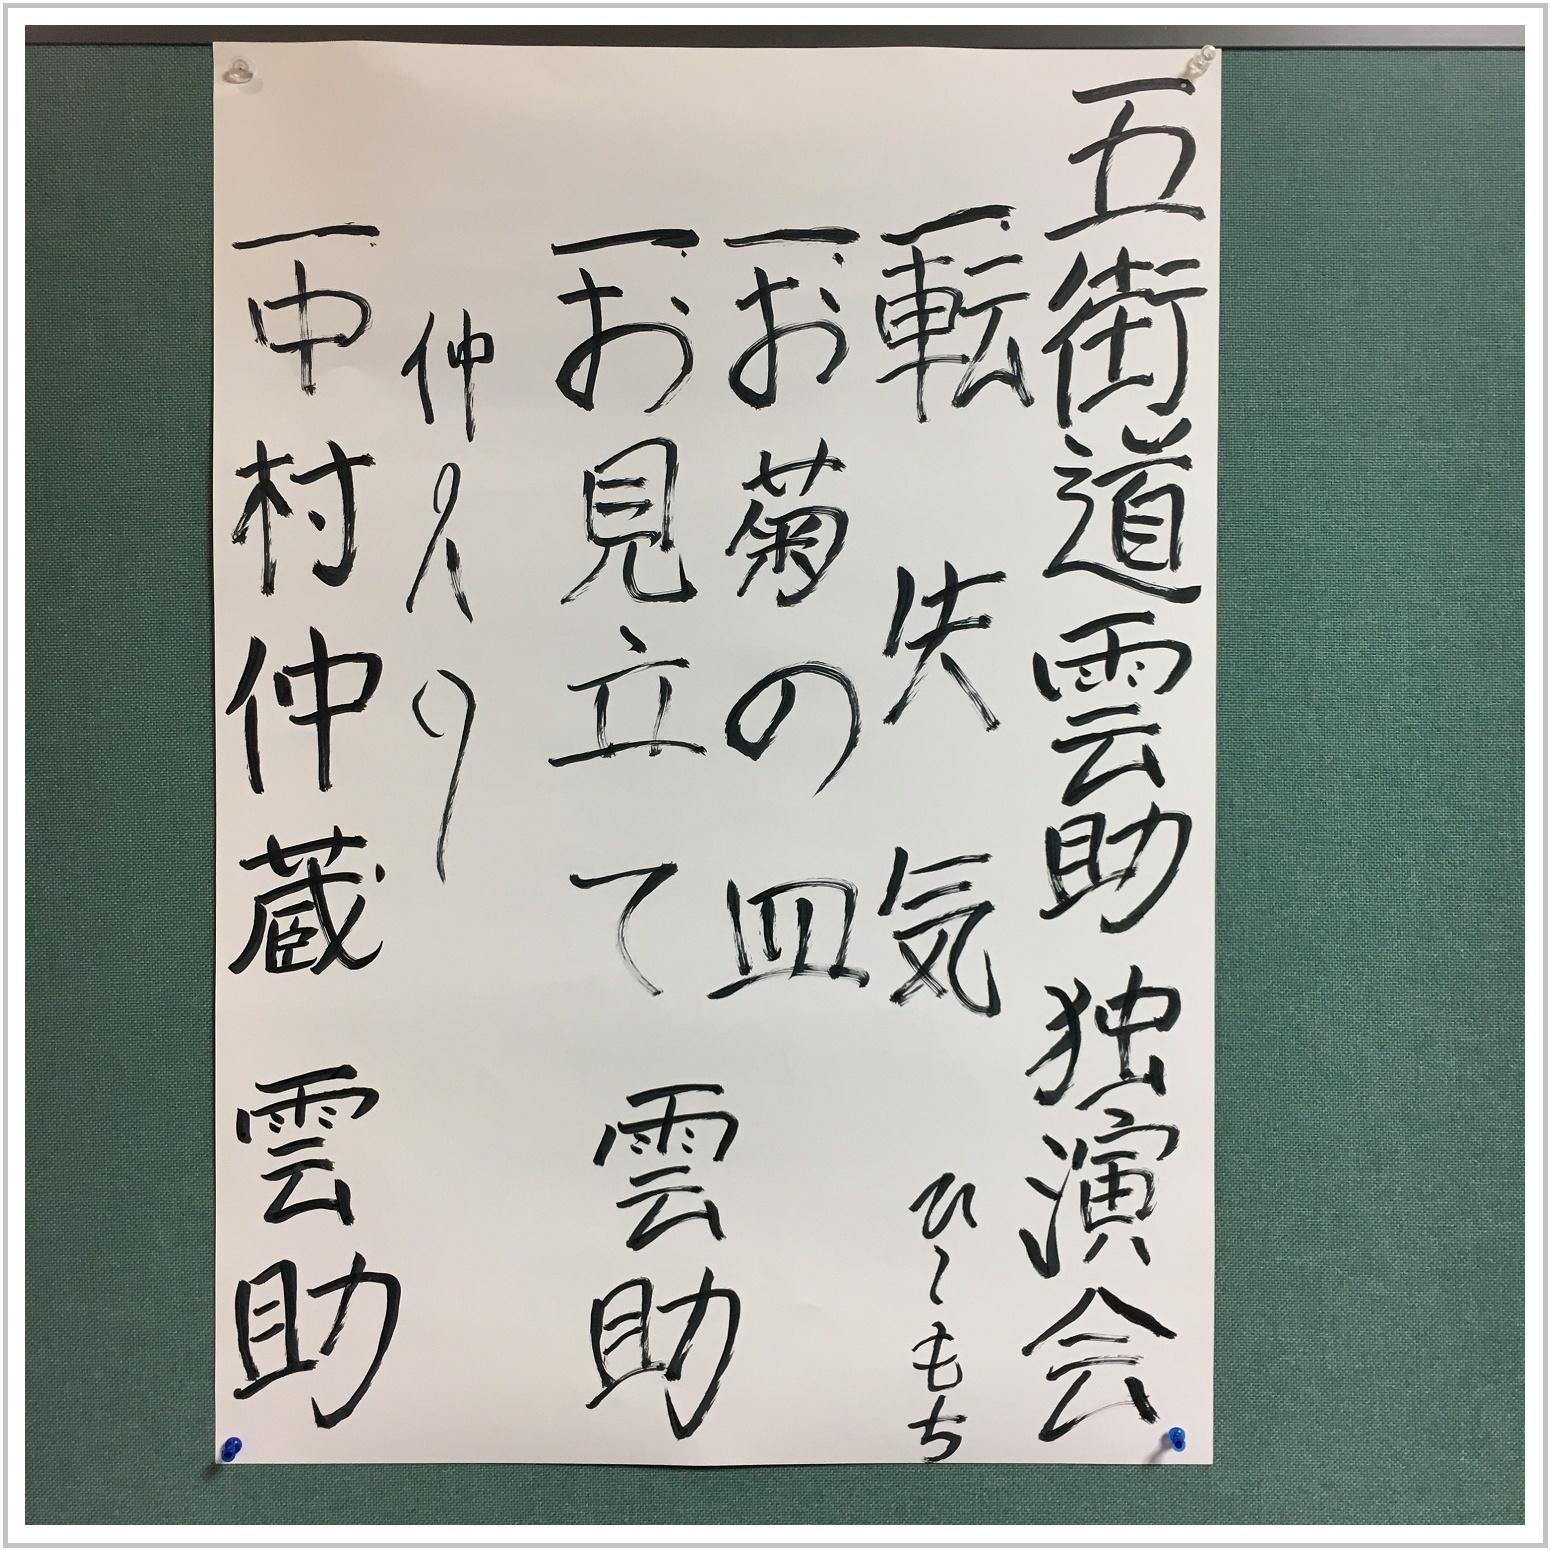 kumosuke_1_826.jpg